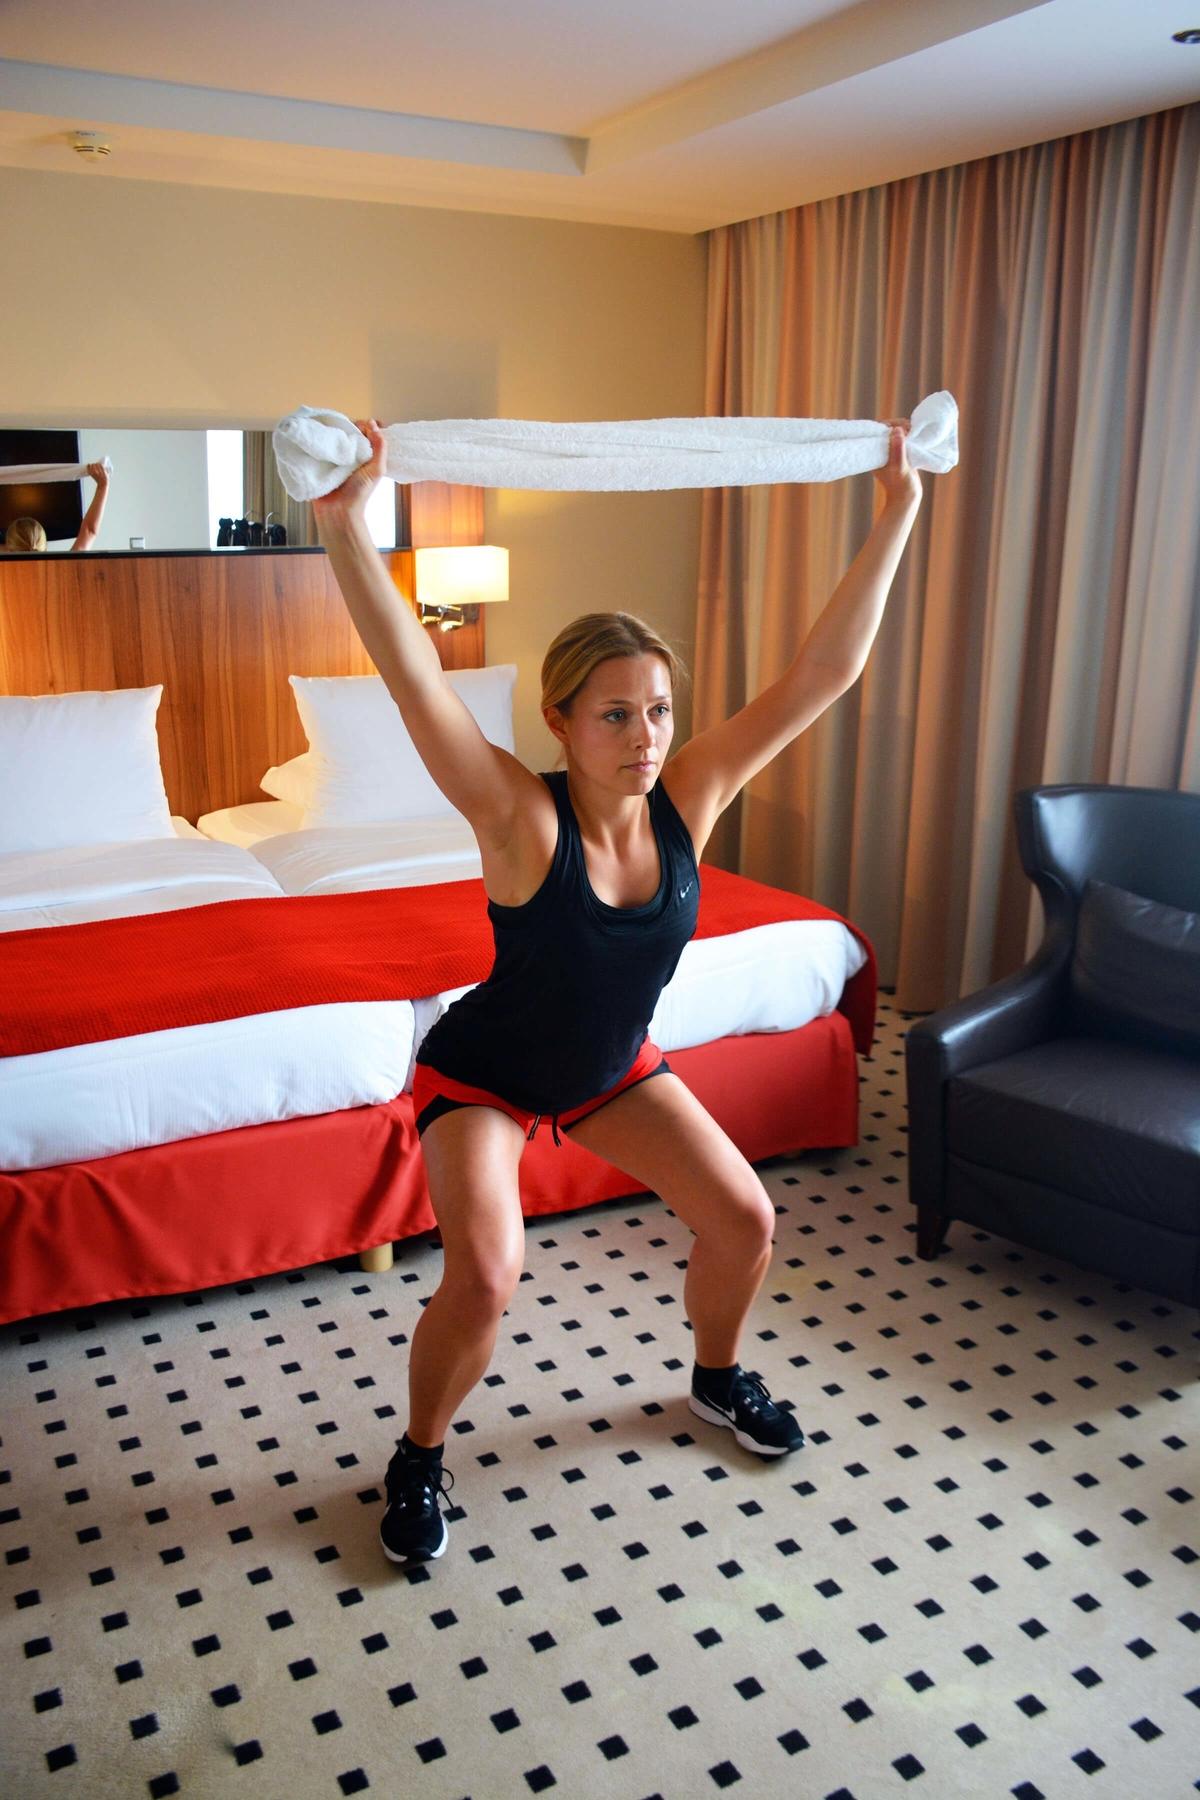 Julia macht Squats im Hotelzimmer